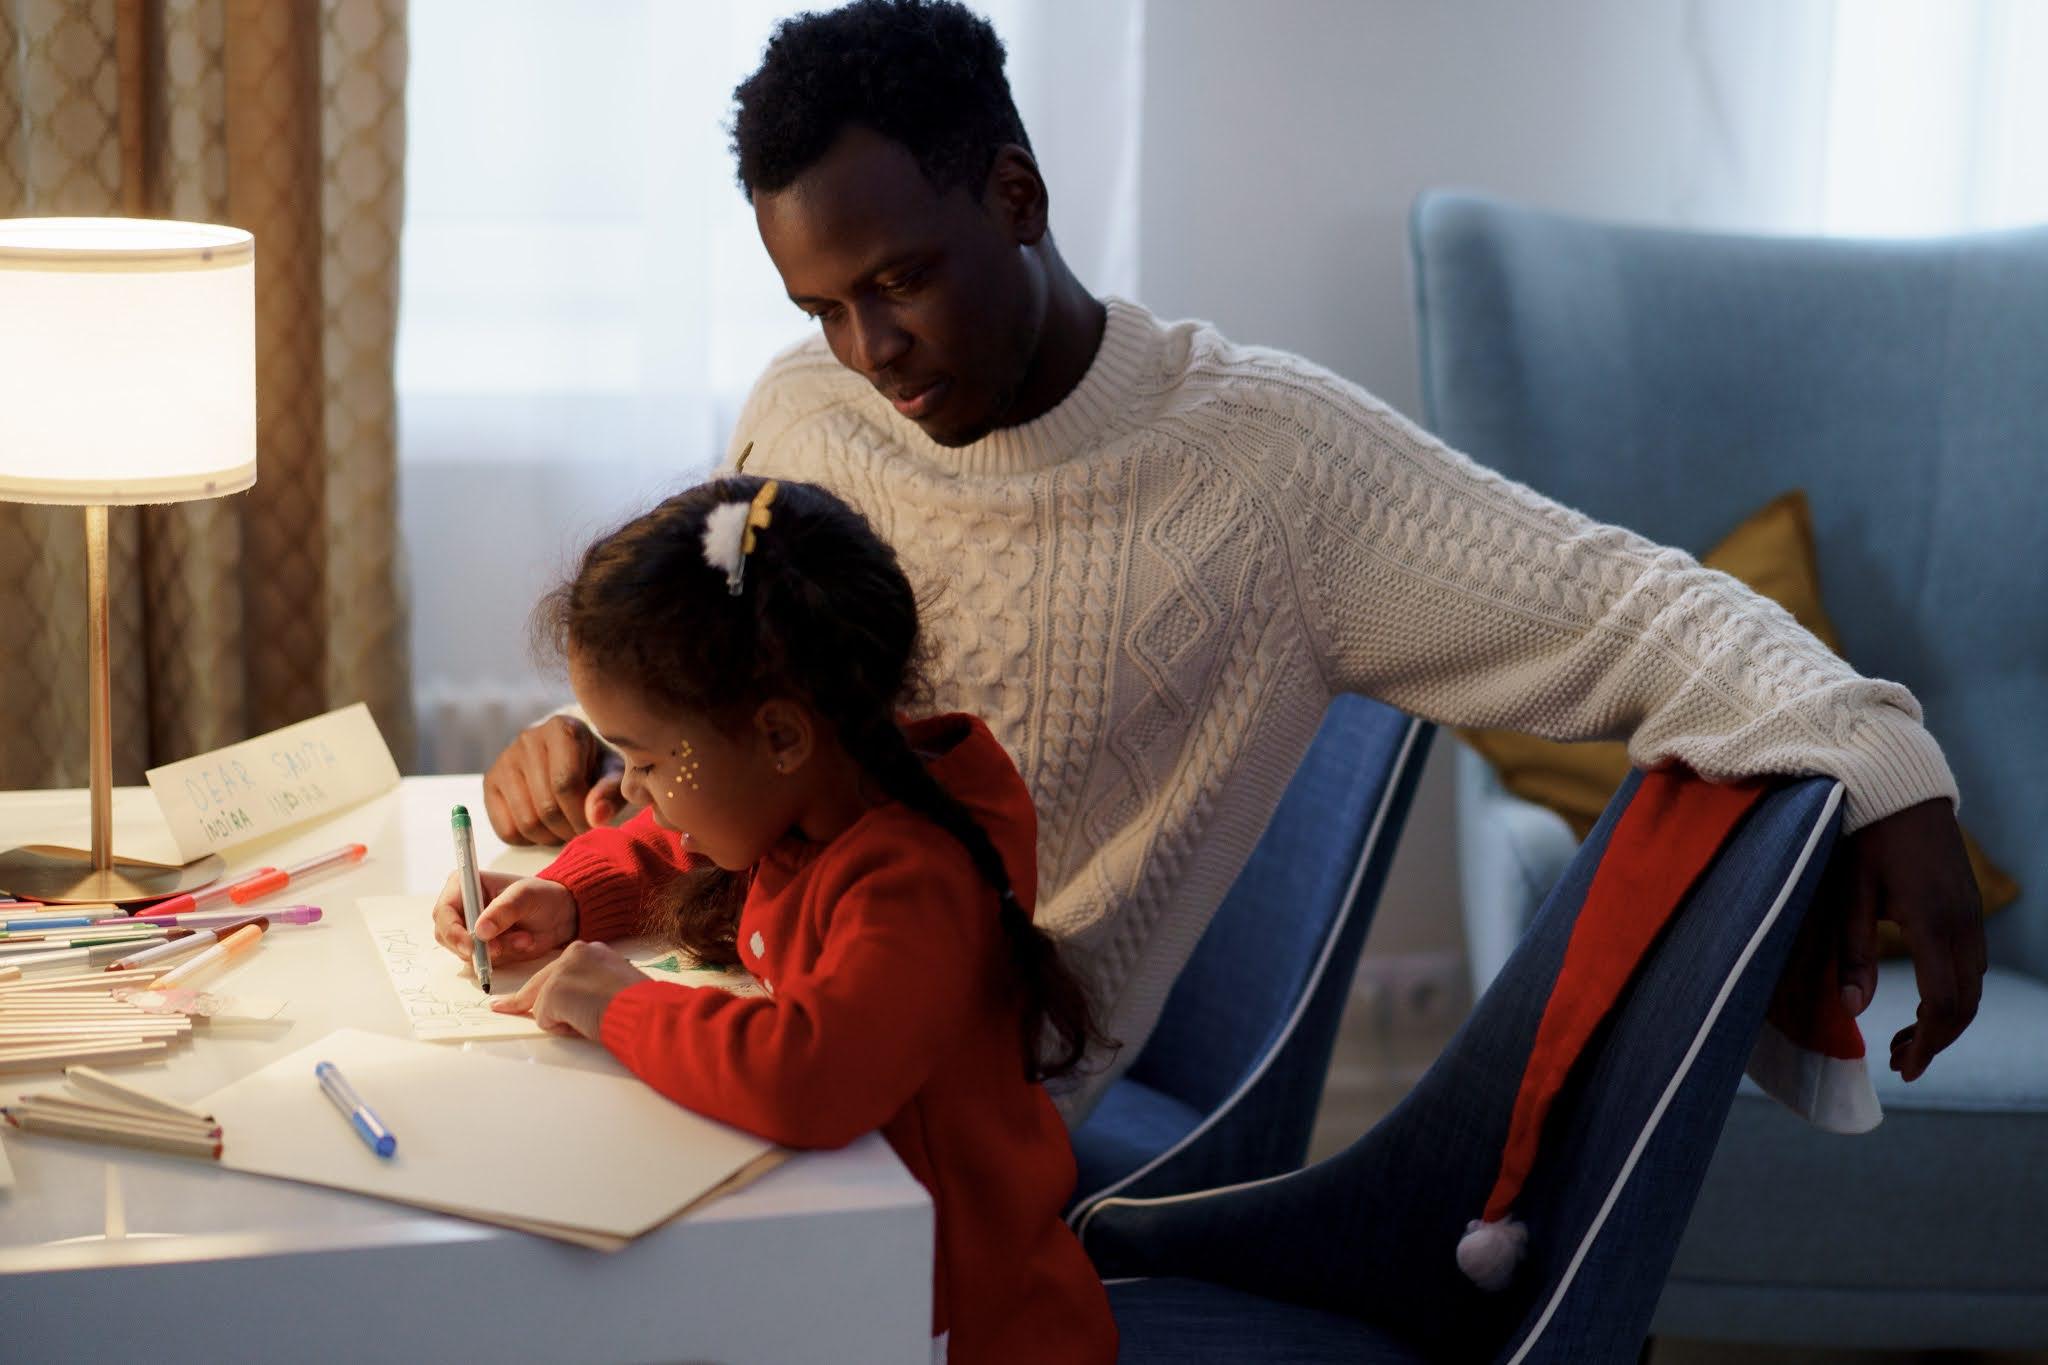 Melhorar a caligrafia do seu filho